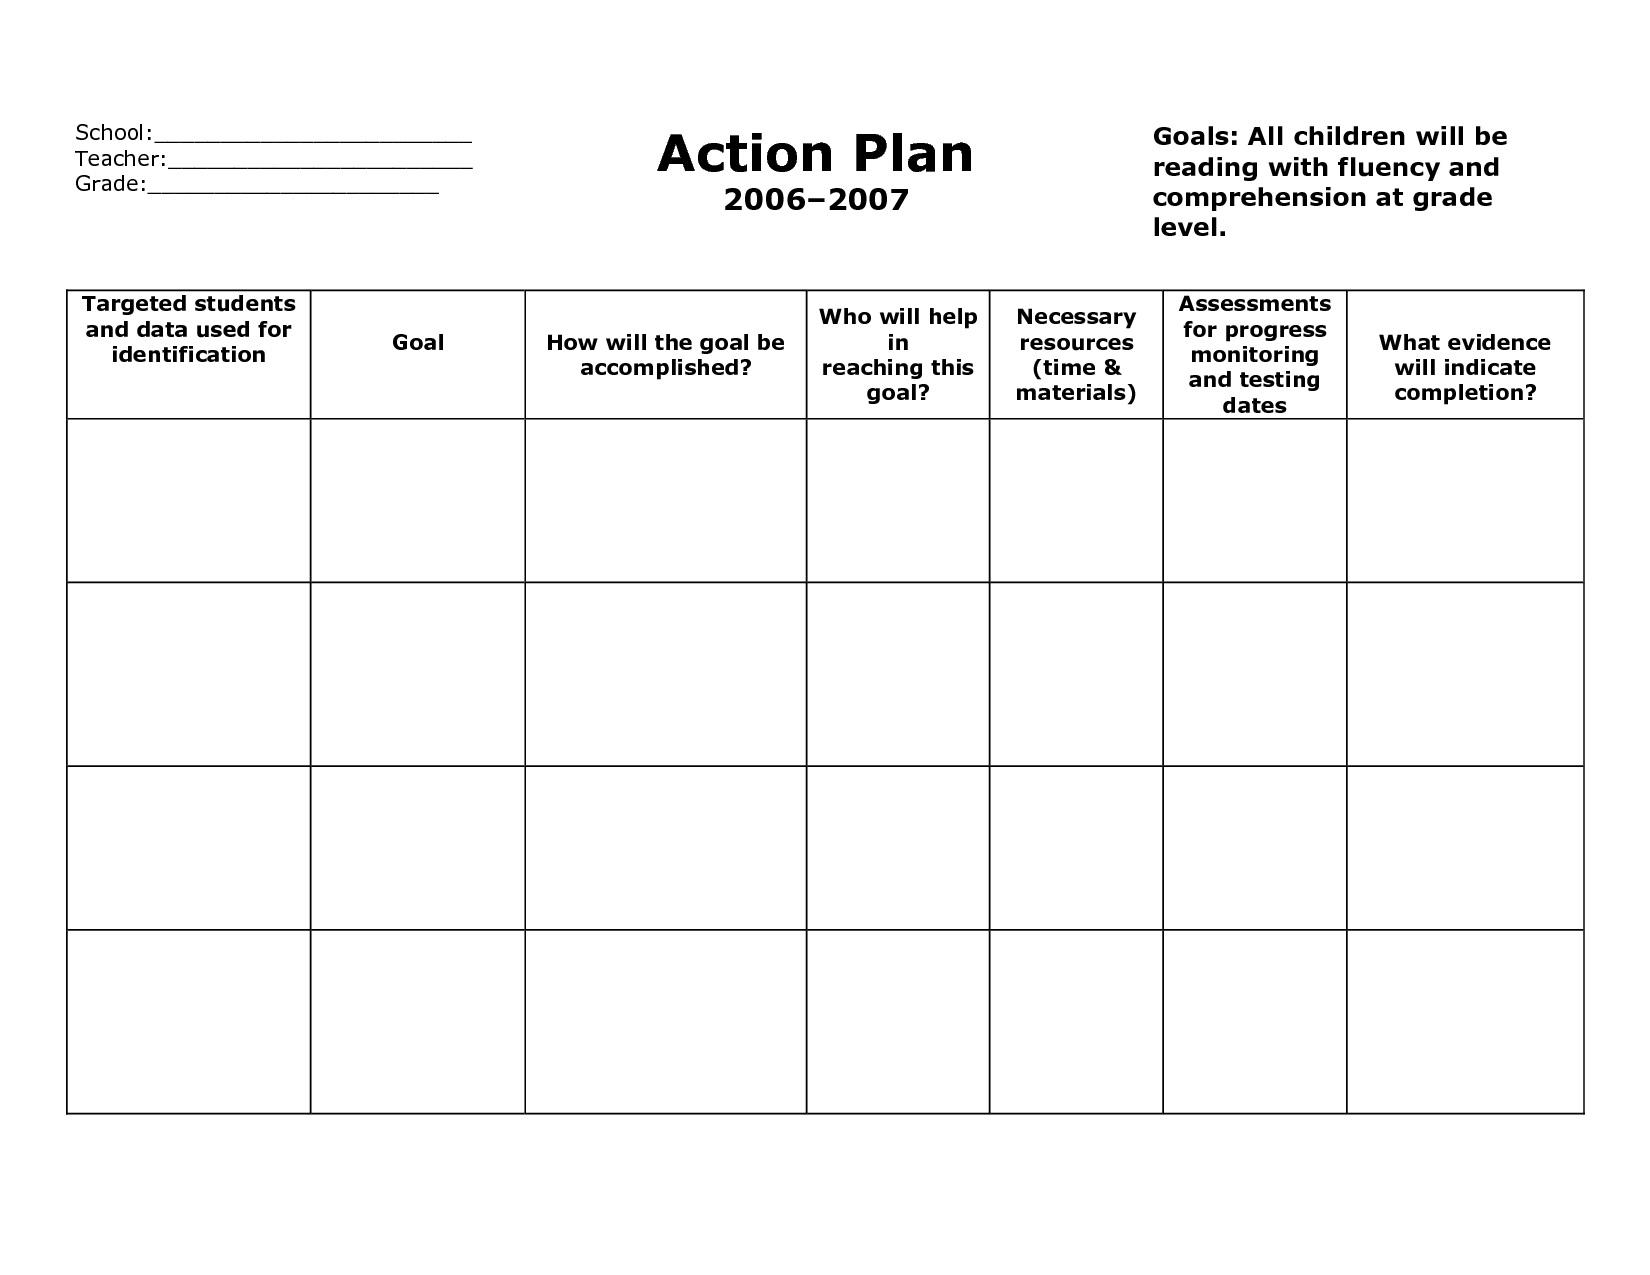 008 Breathtaking Smart Action Plan Template Image  Nh Download NursingFull